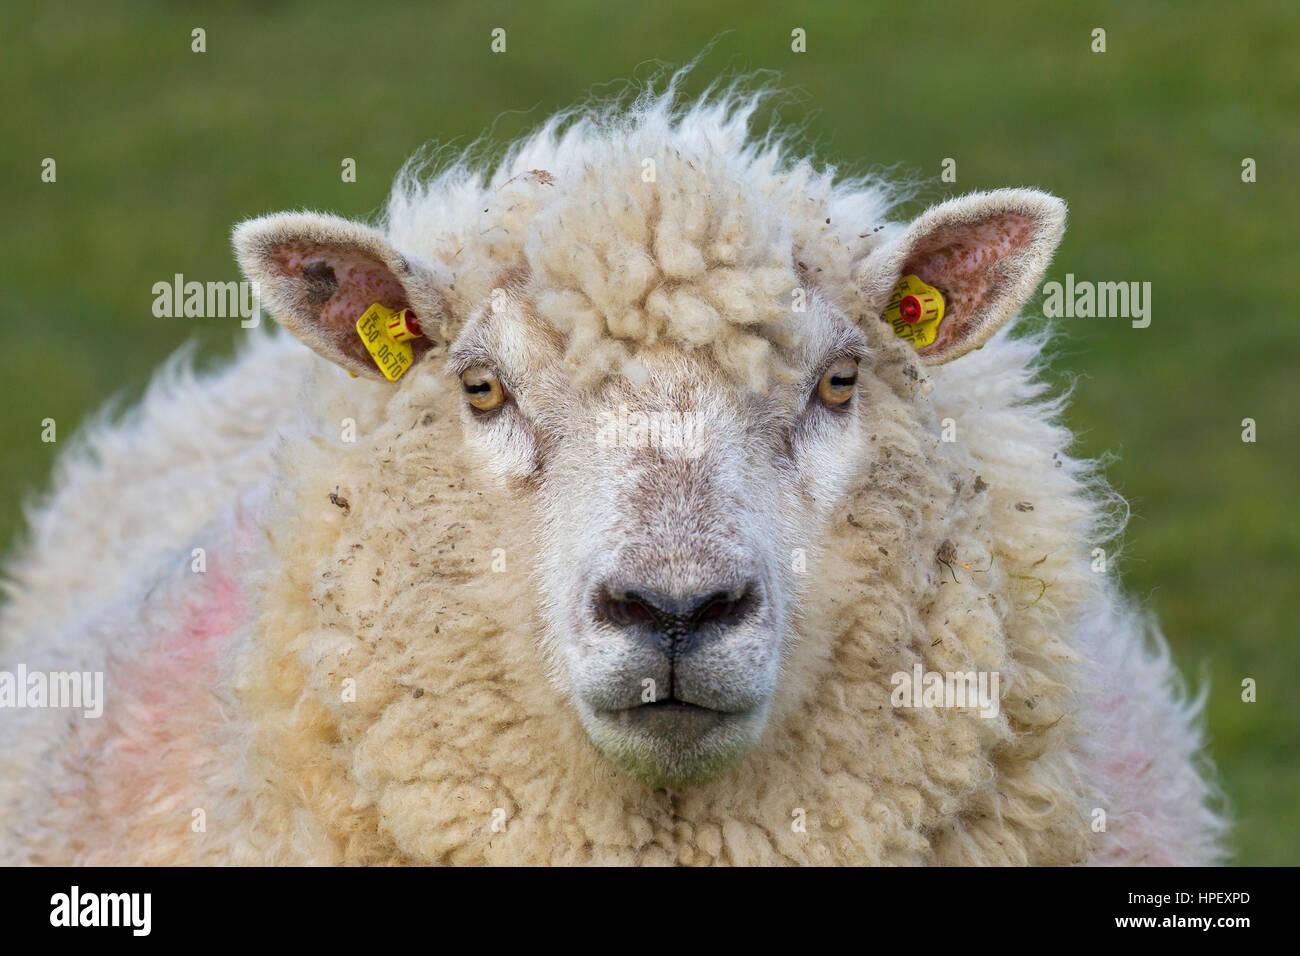 Nahaufnahme von tagged weißes Schaf Ewe mit zwei gelben Ohrmarken / Ohr-Marken Stockbild